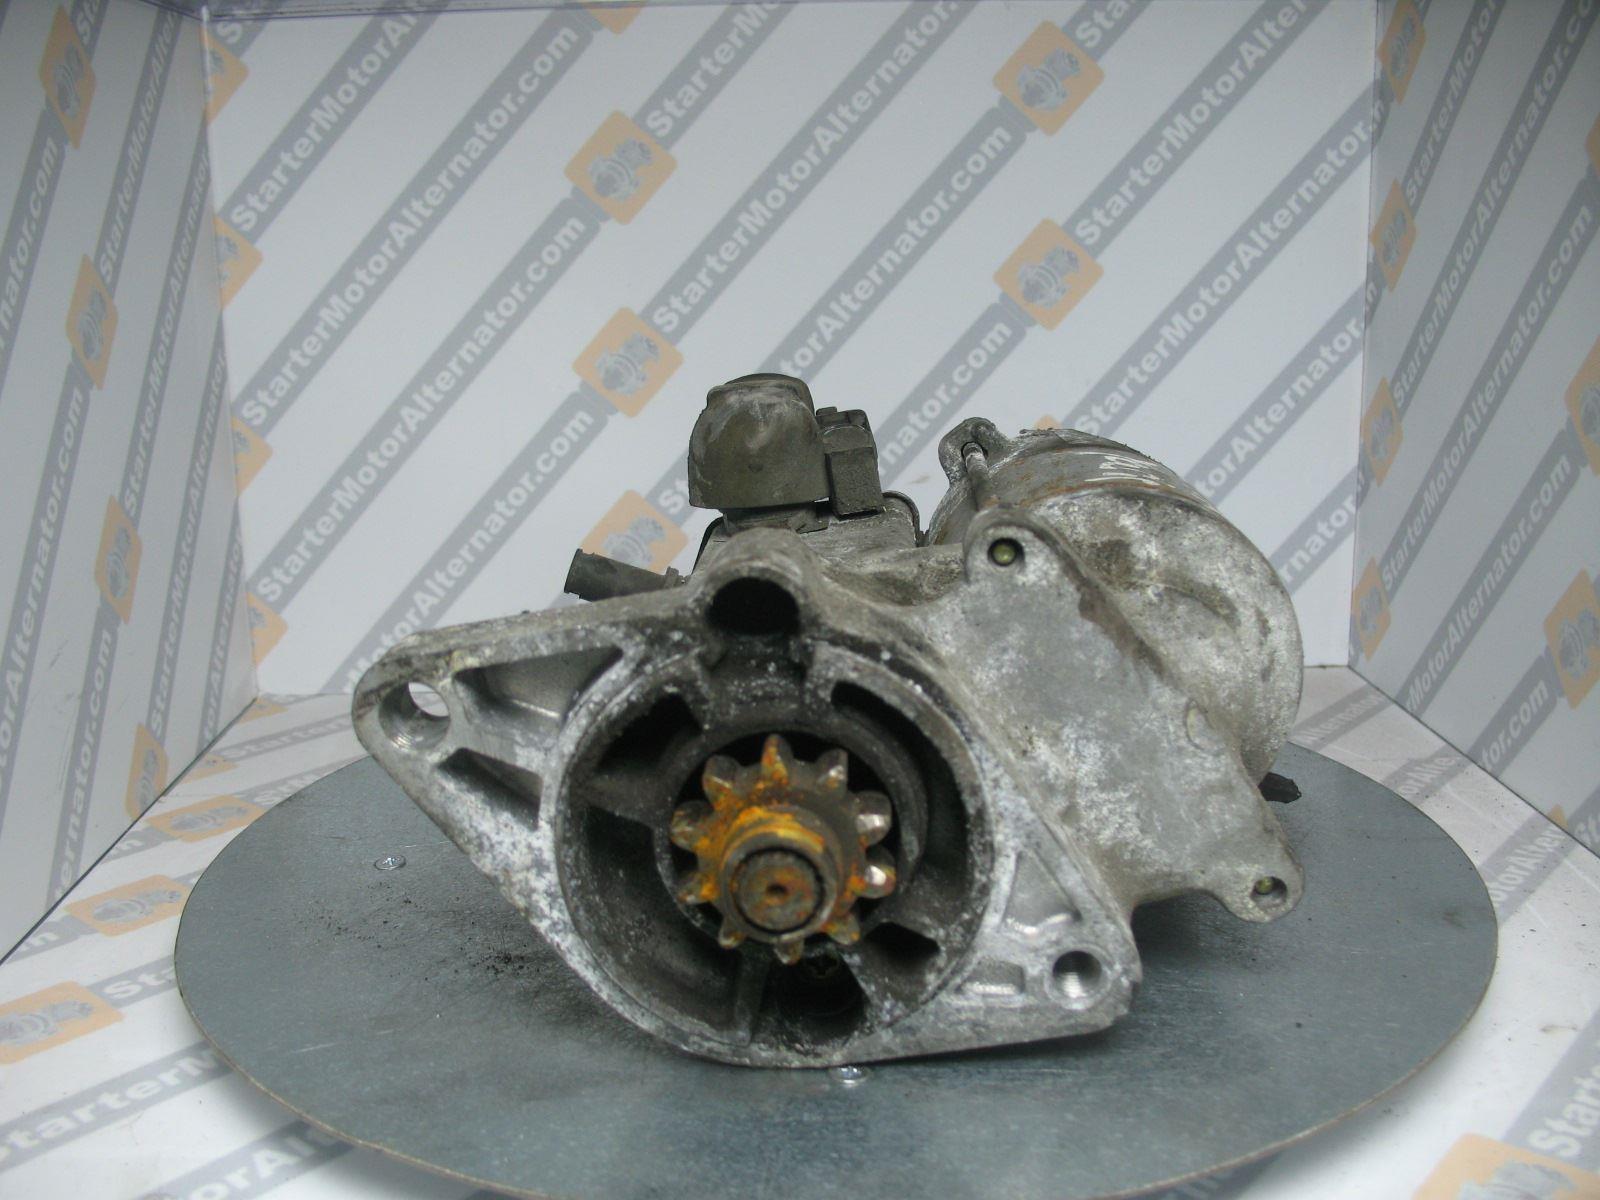 XIY2164 Starter Motor For Toyota